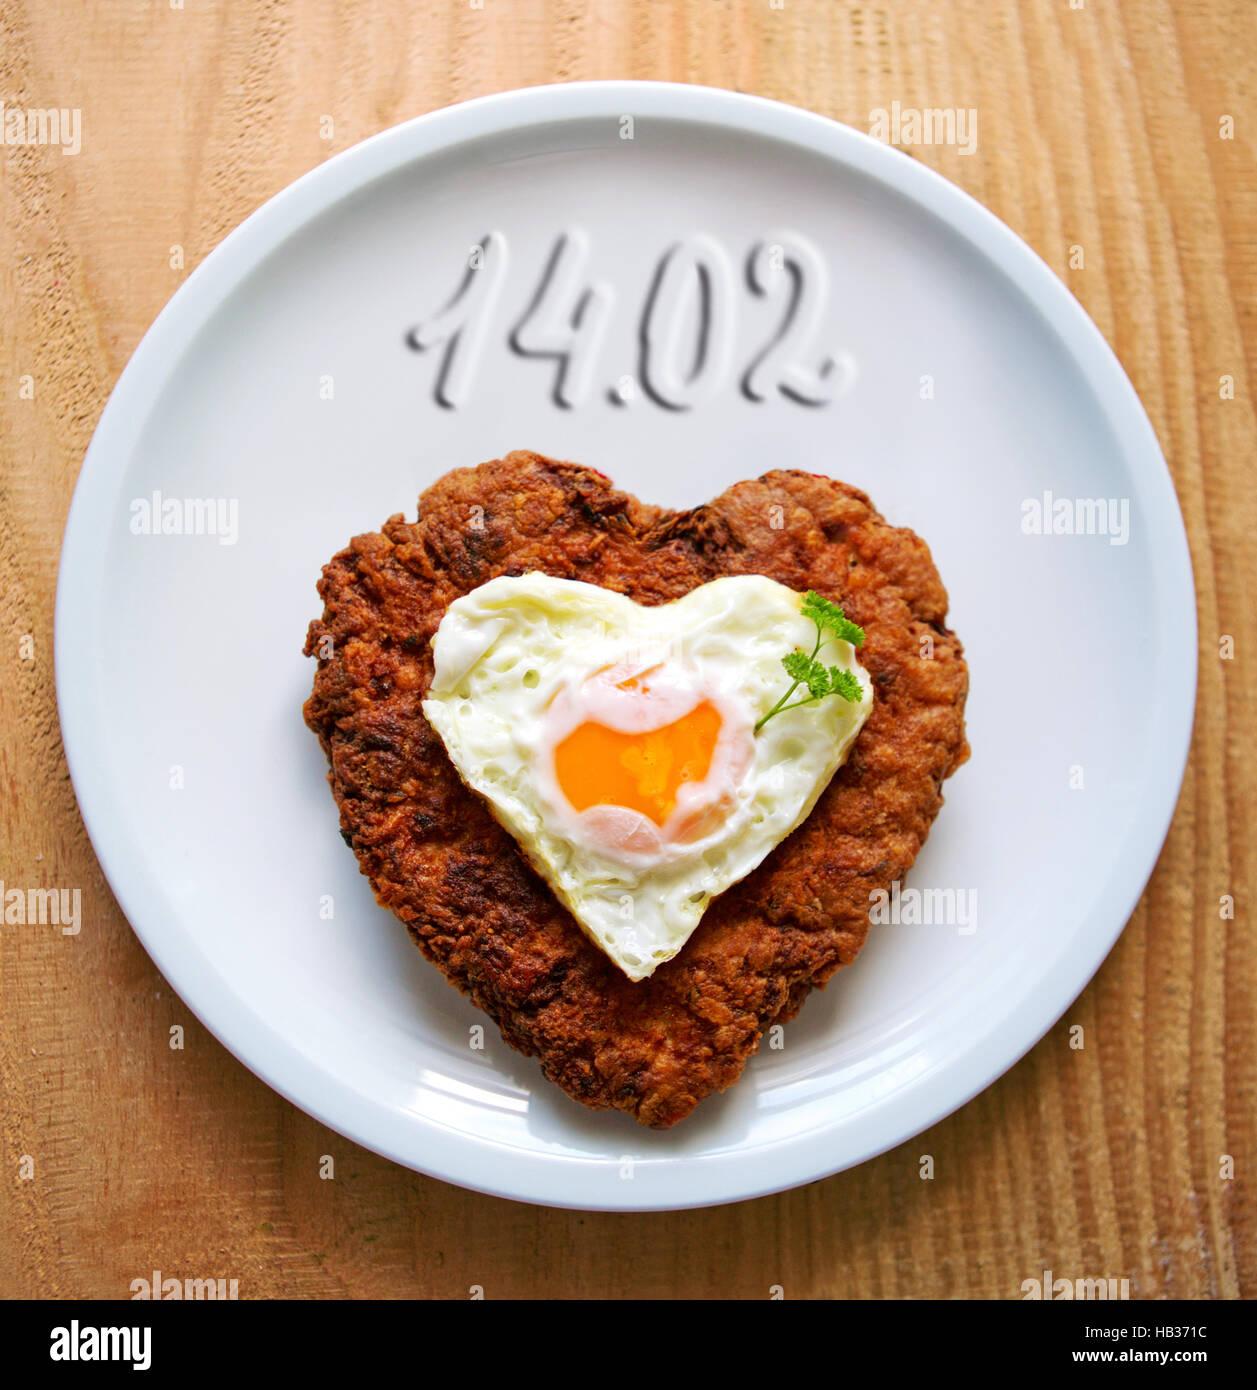 Herzförmige Hackfleisch Steak mit Spiegelei. Stockfoto